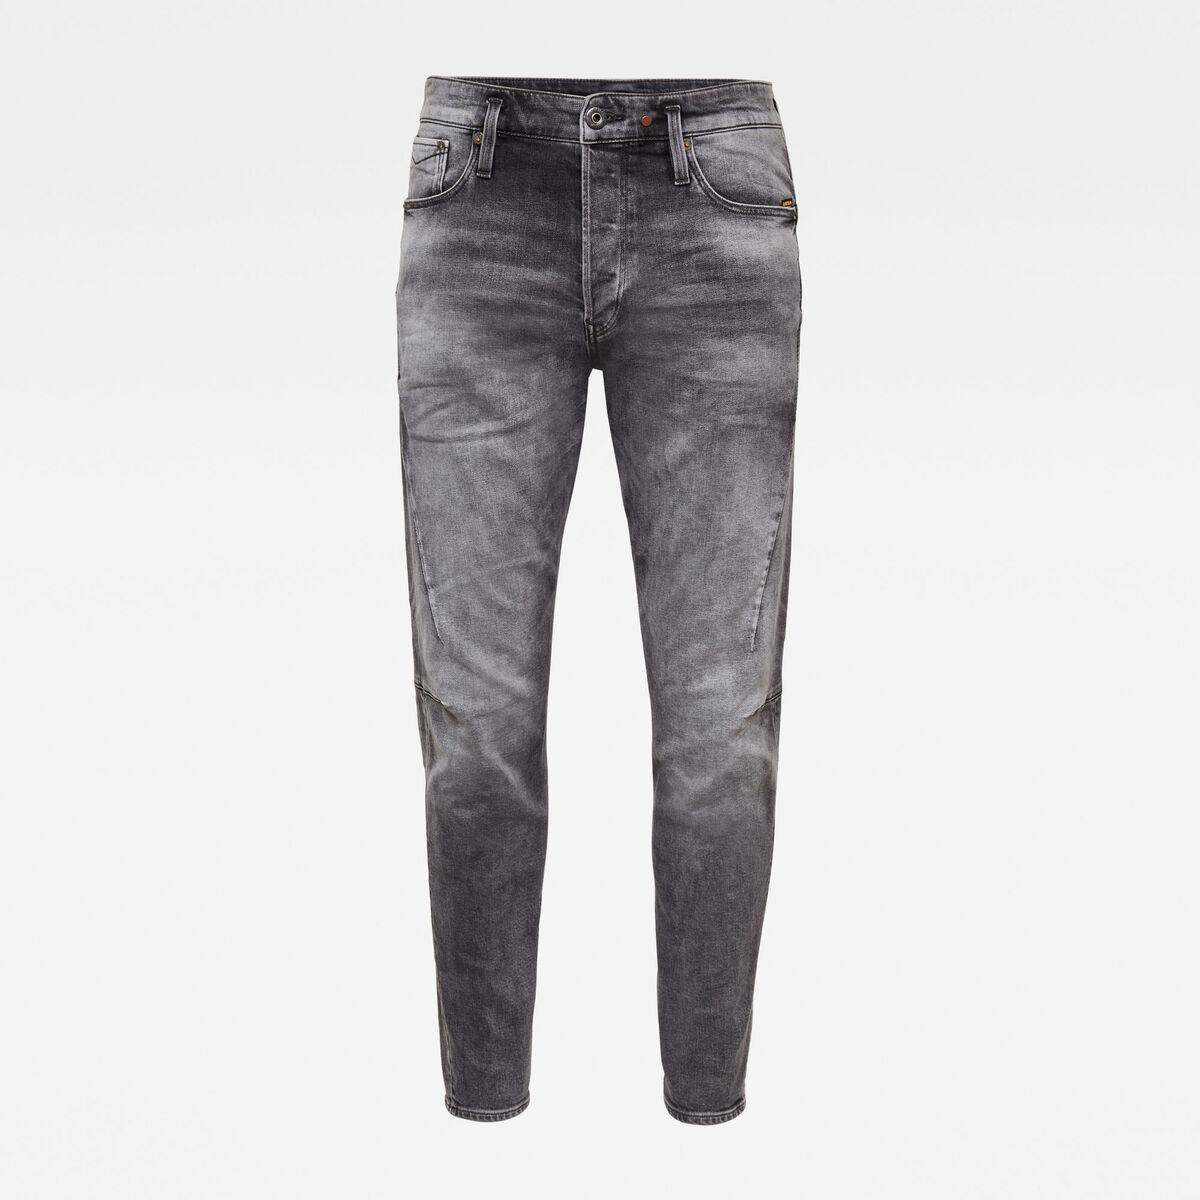 Bild 4 von Scutar 3D Slim Tapered Jeans